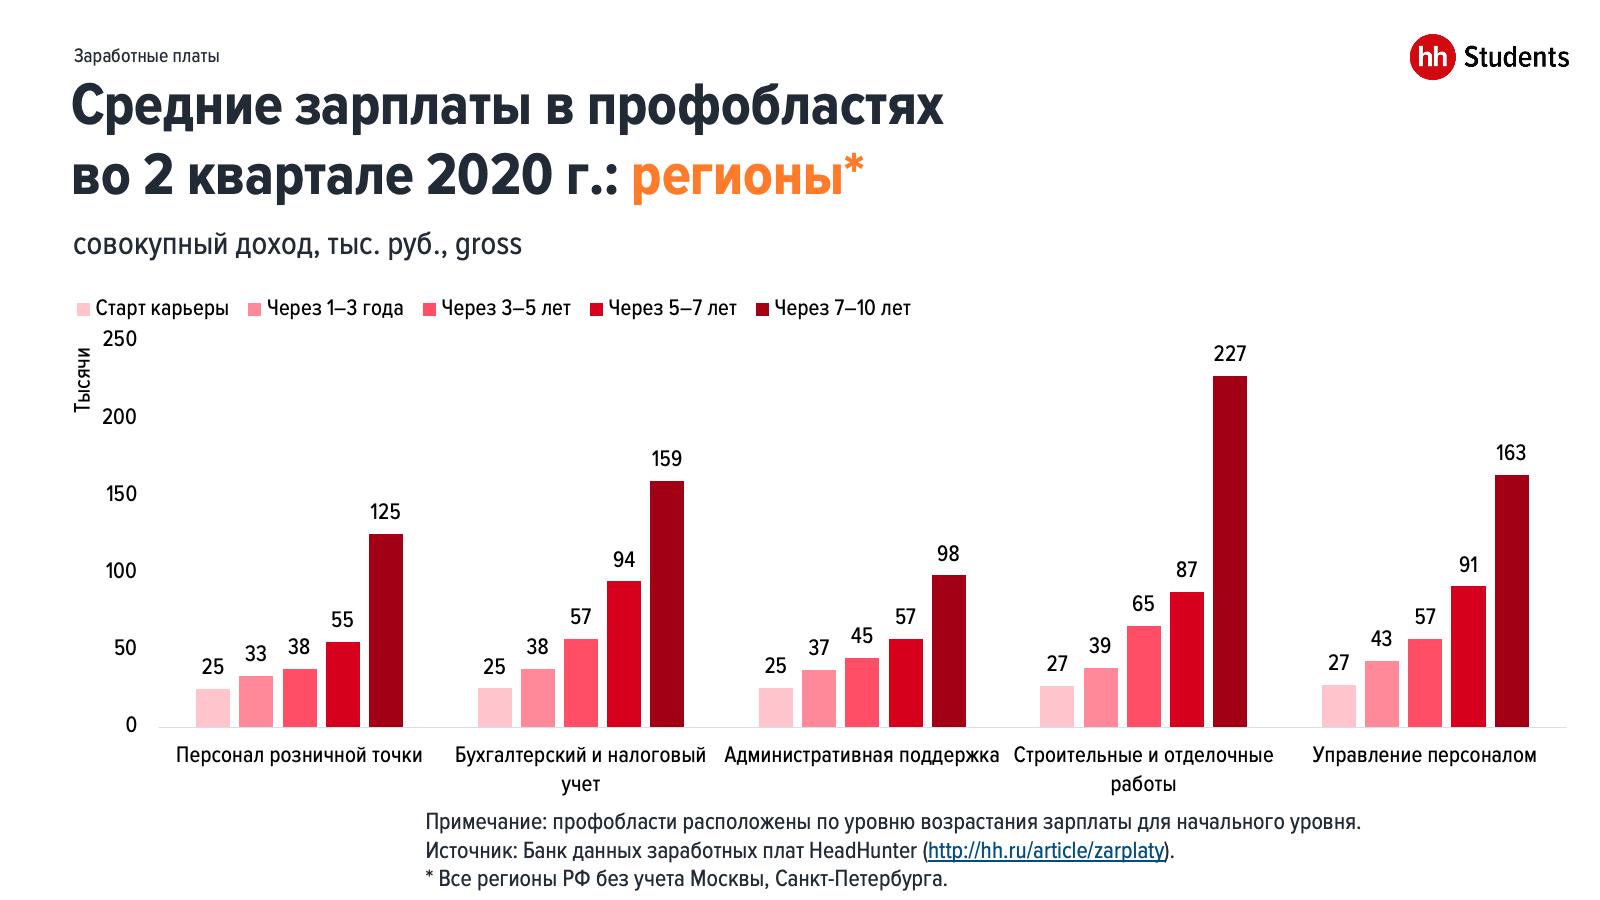 Что происходило с заработной платой молодых специалистов в 1 половине 2020 года